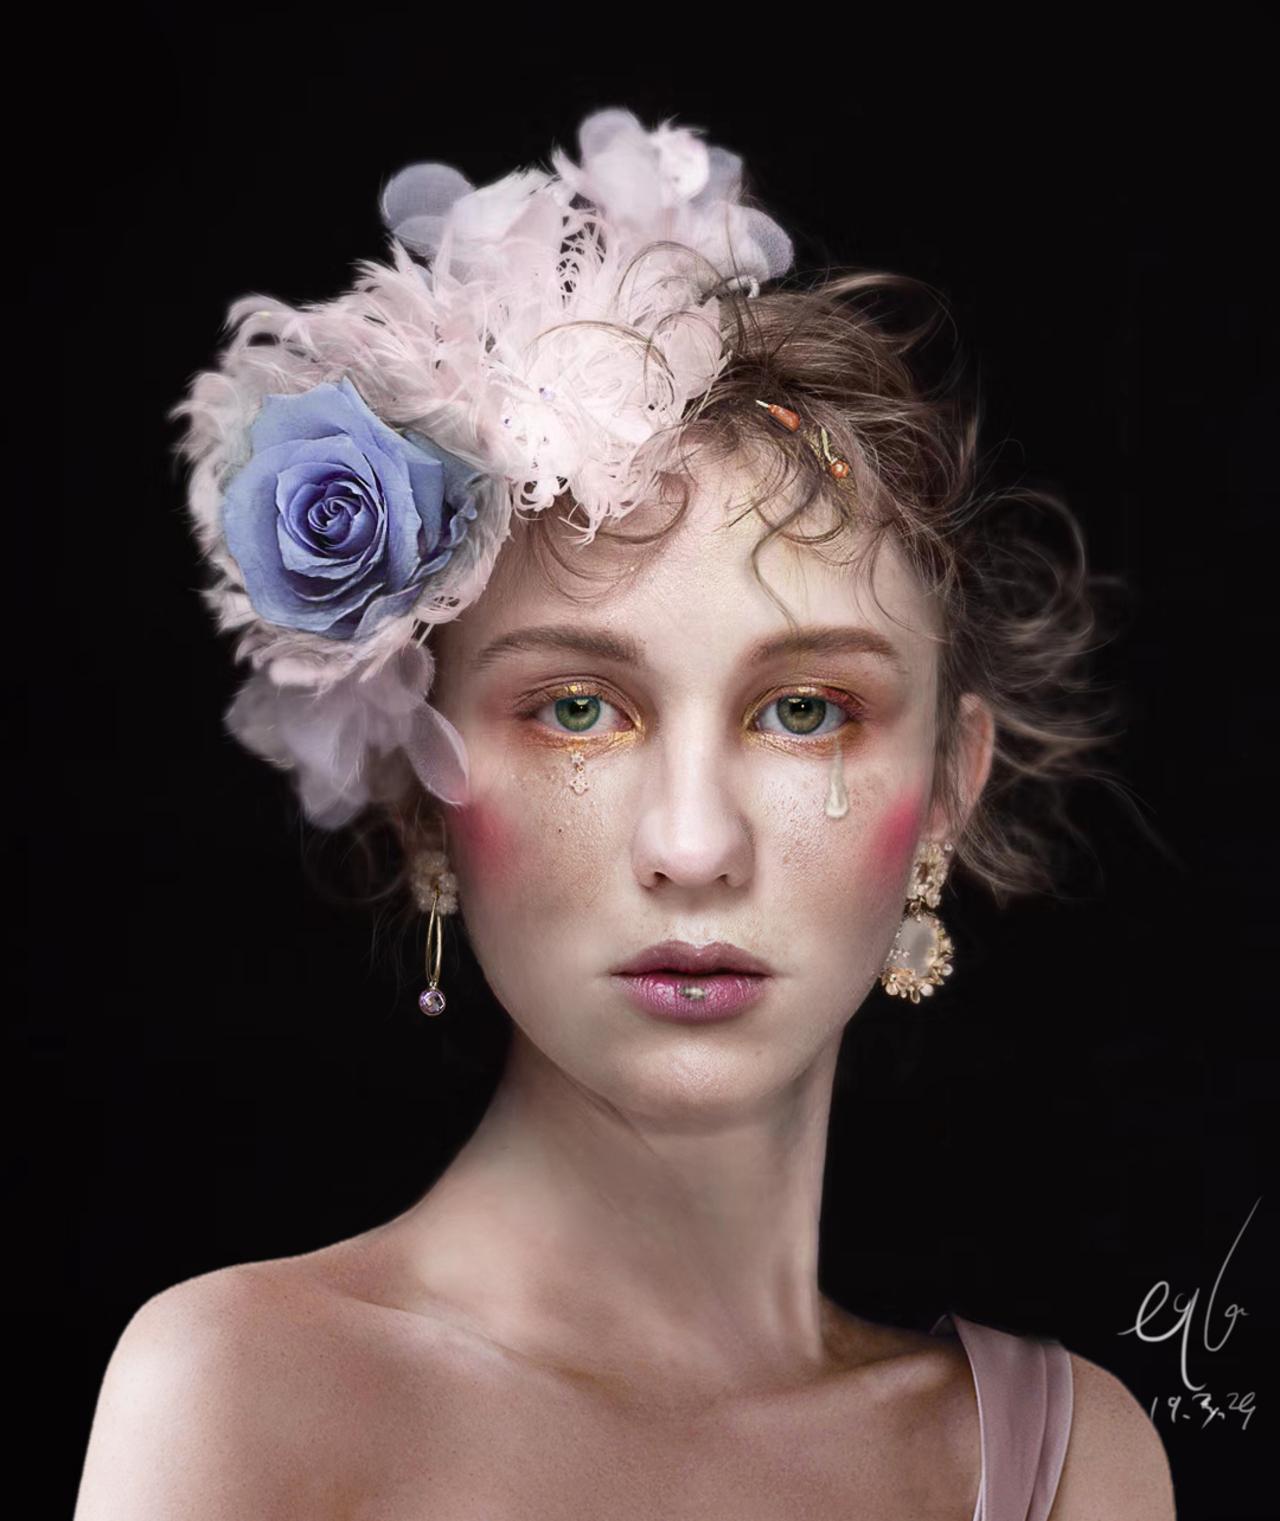 傲娇蓝玫瑰.jpg